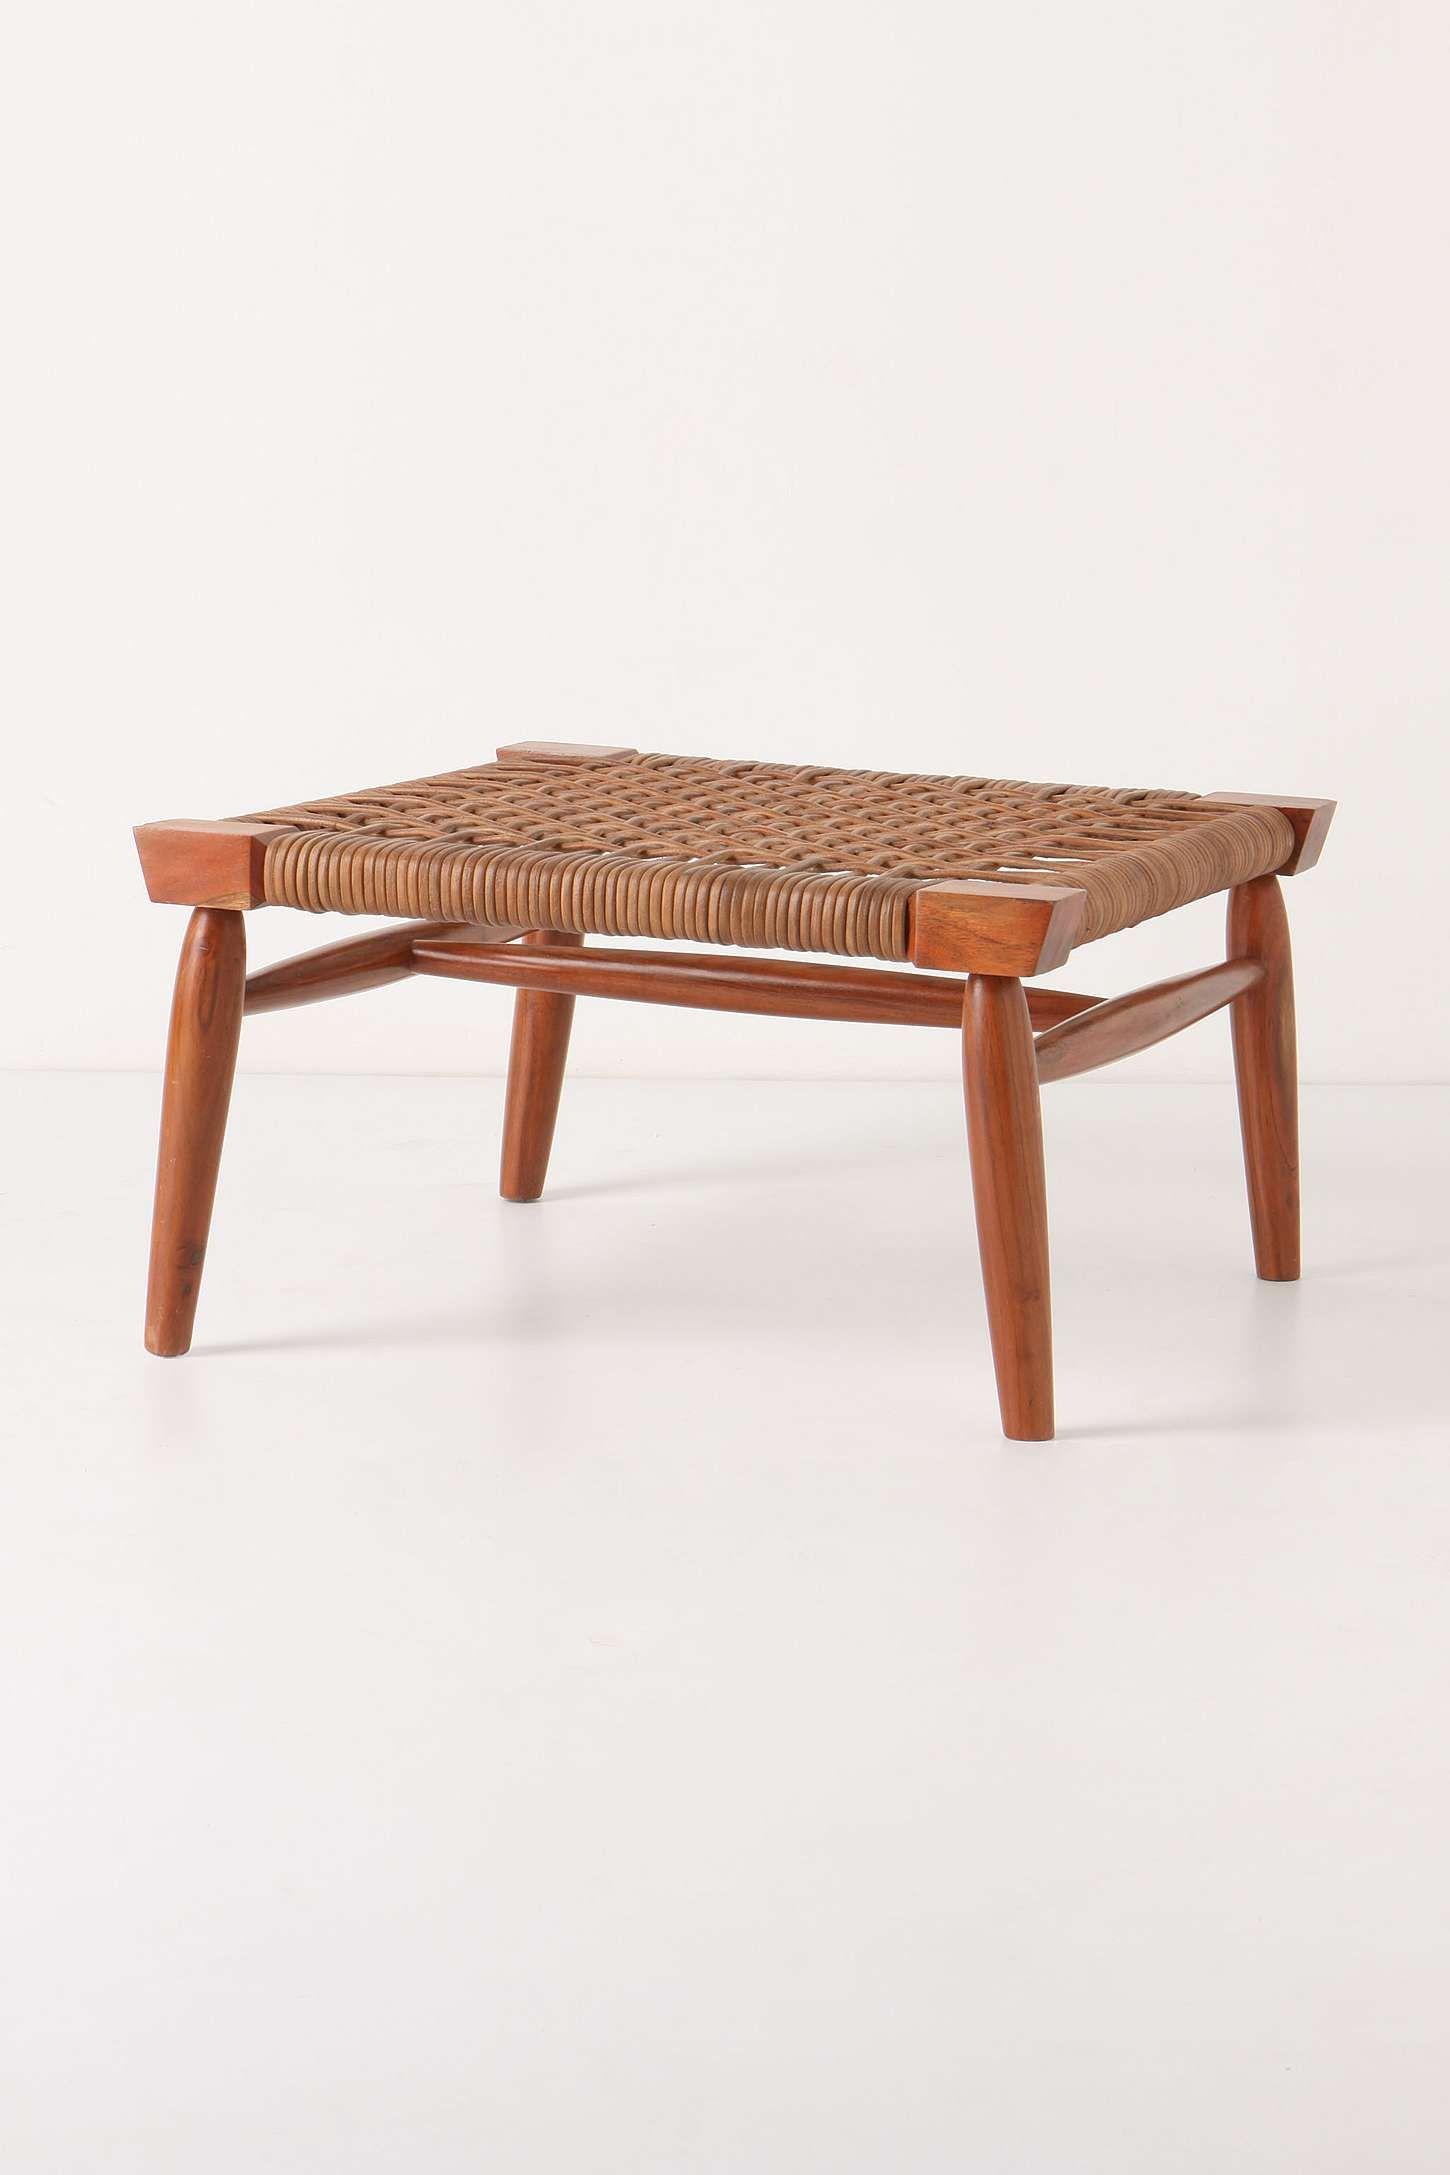 wood & leather ottoman: sevilla ottoman | furniture | Pinterest ...